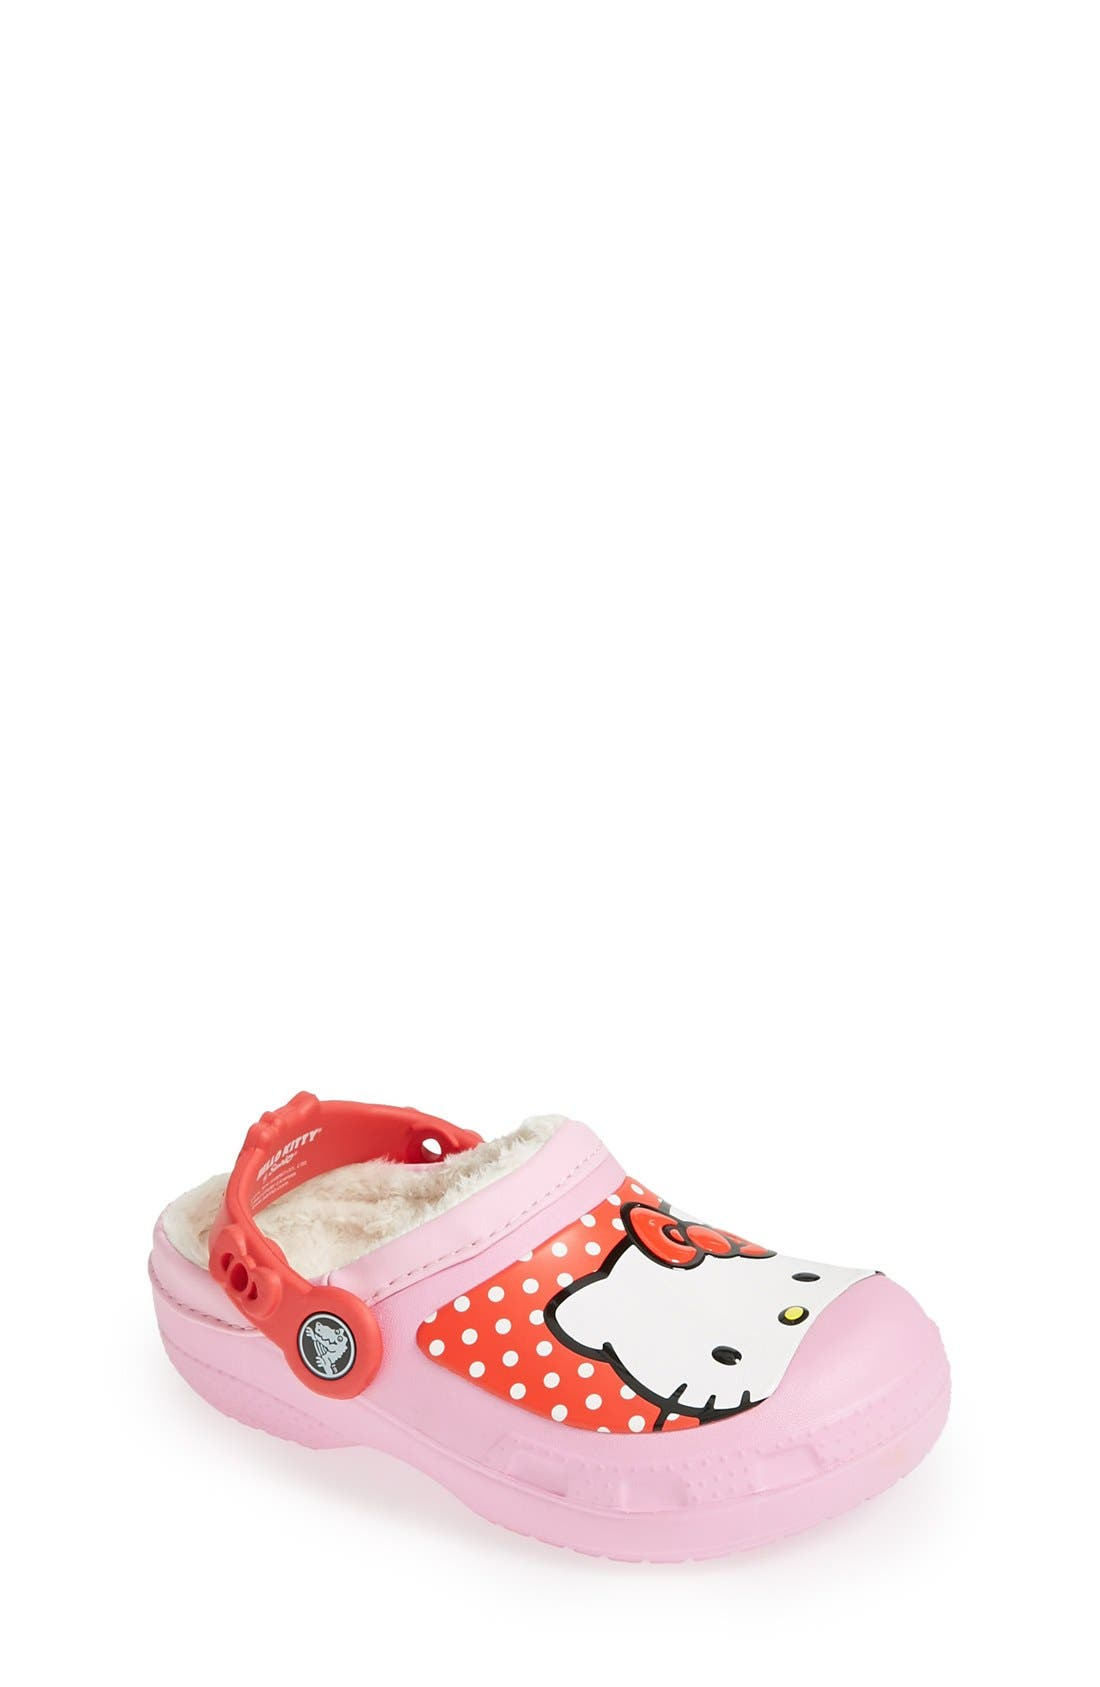 Main Image - CROCS™ 'Hello Kitty® - Dots' Slip-On (Walker, Toddler & Little Kid)